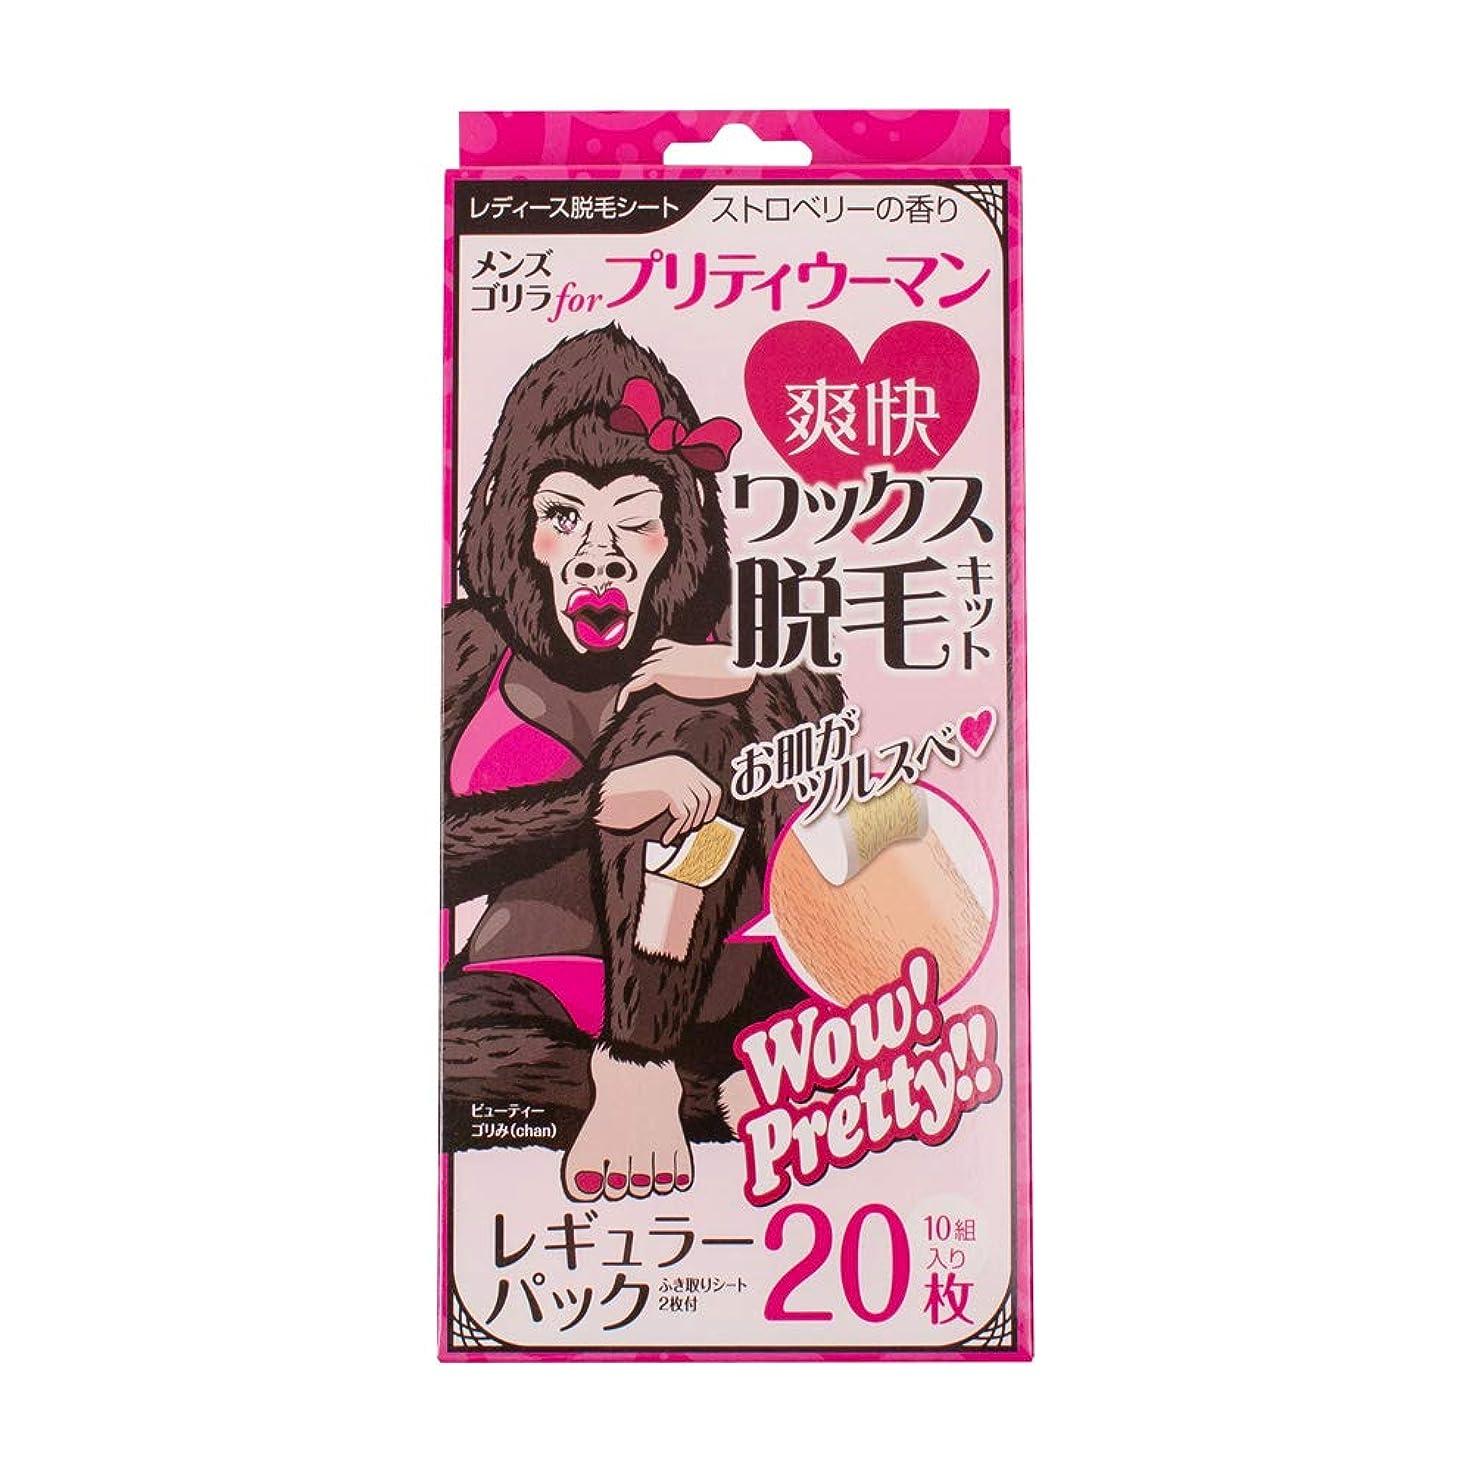 キャメル採用する維持メンズゴリラ for pretty womenゴリみ ワックス脱毛シート レギュラーパック10組20枚入り